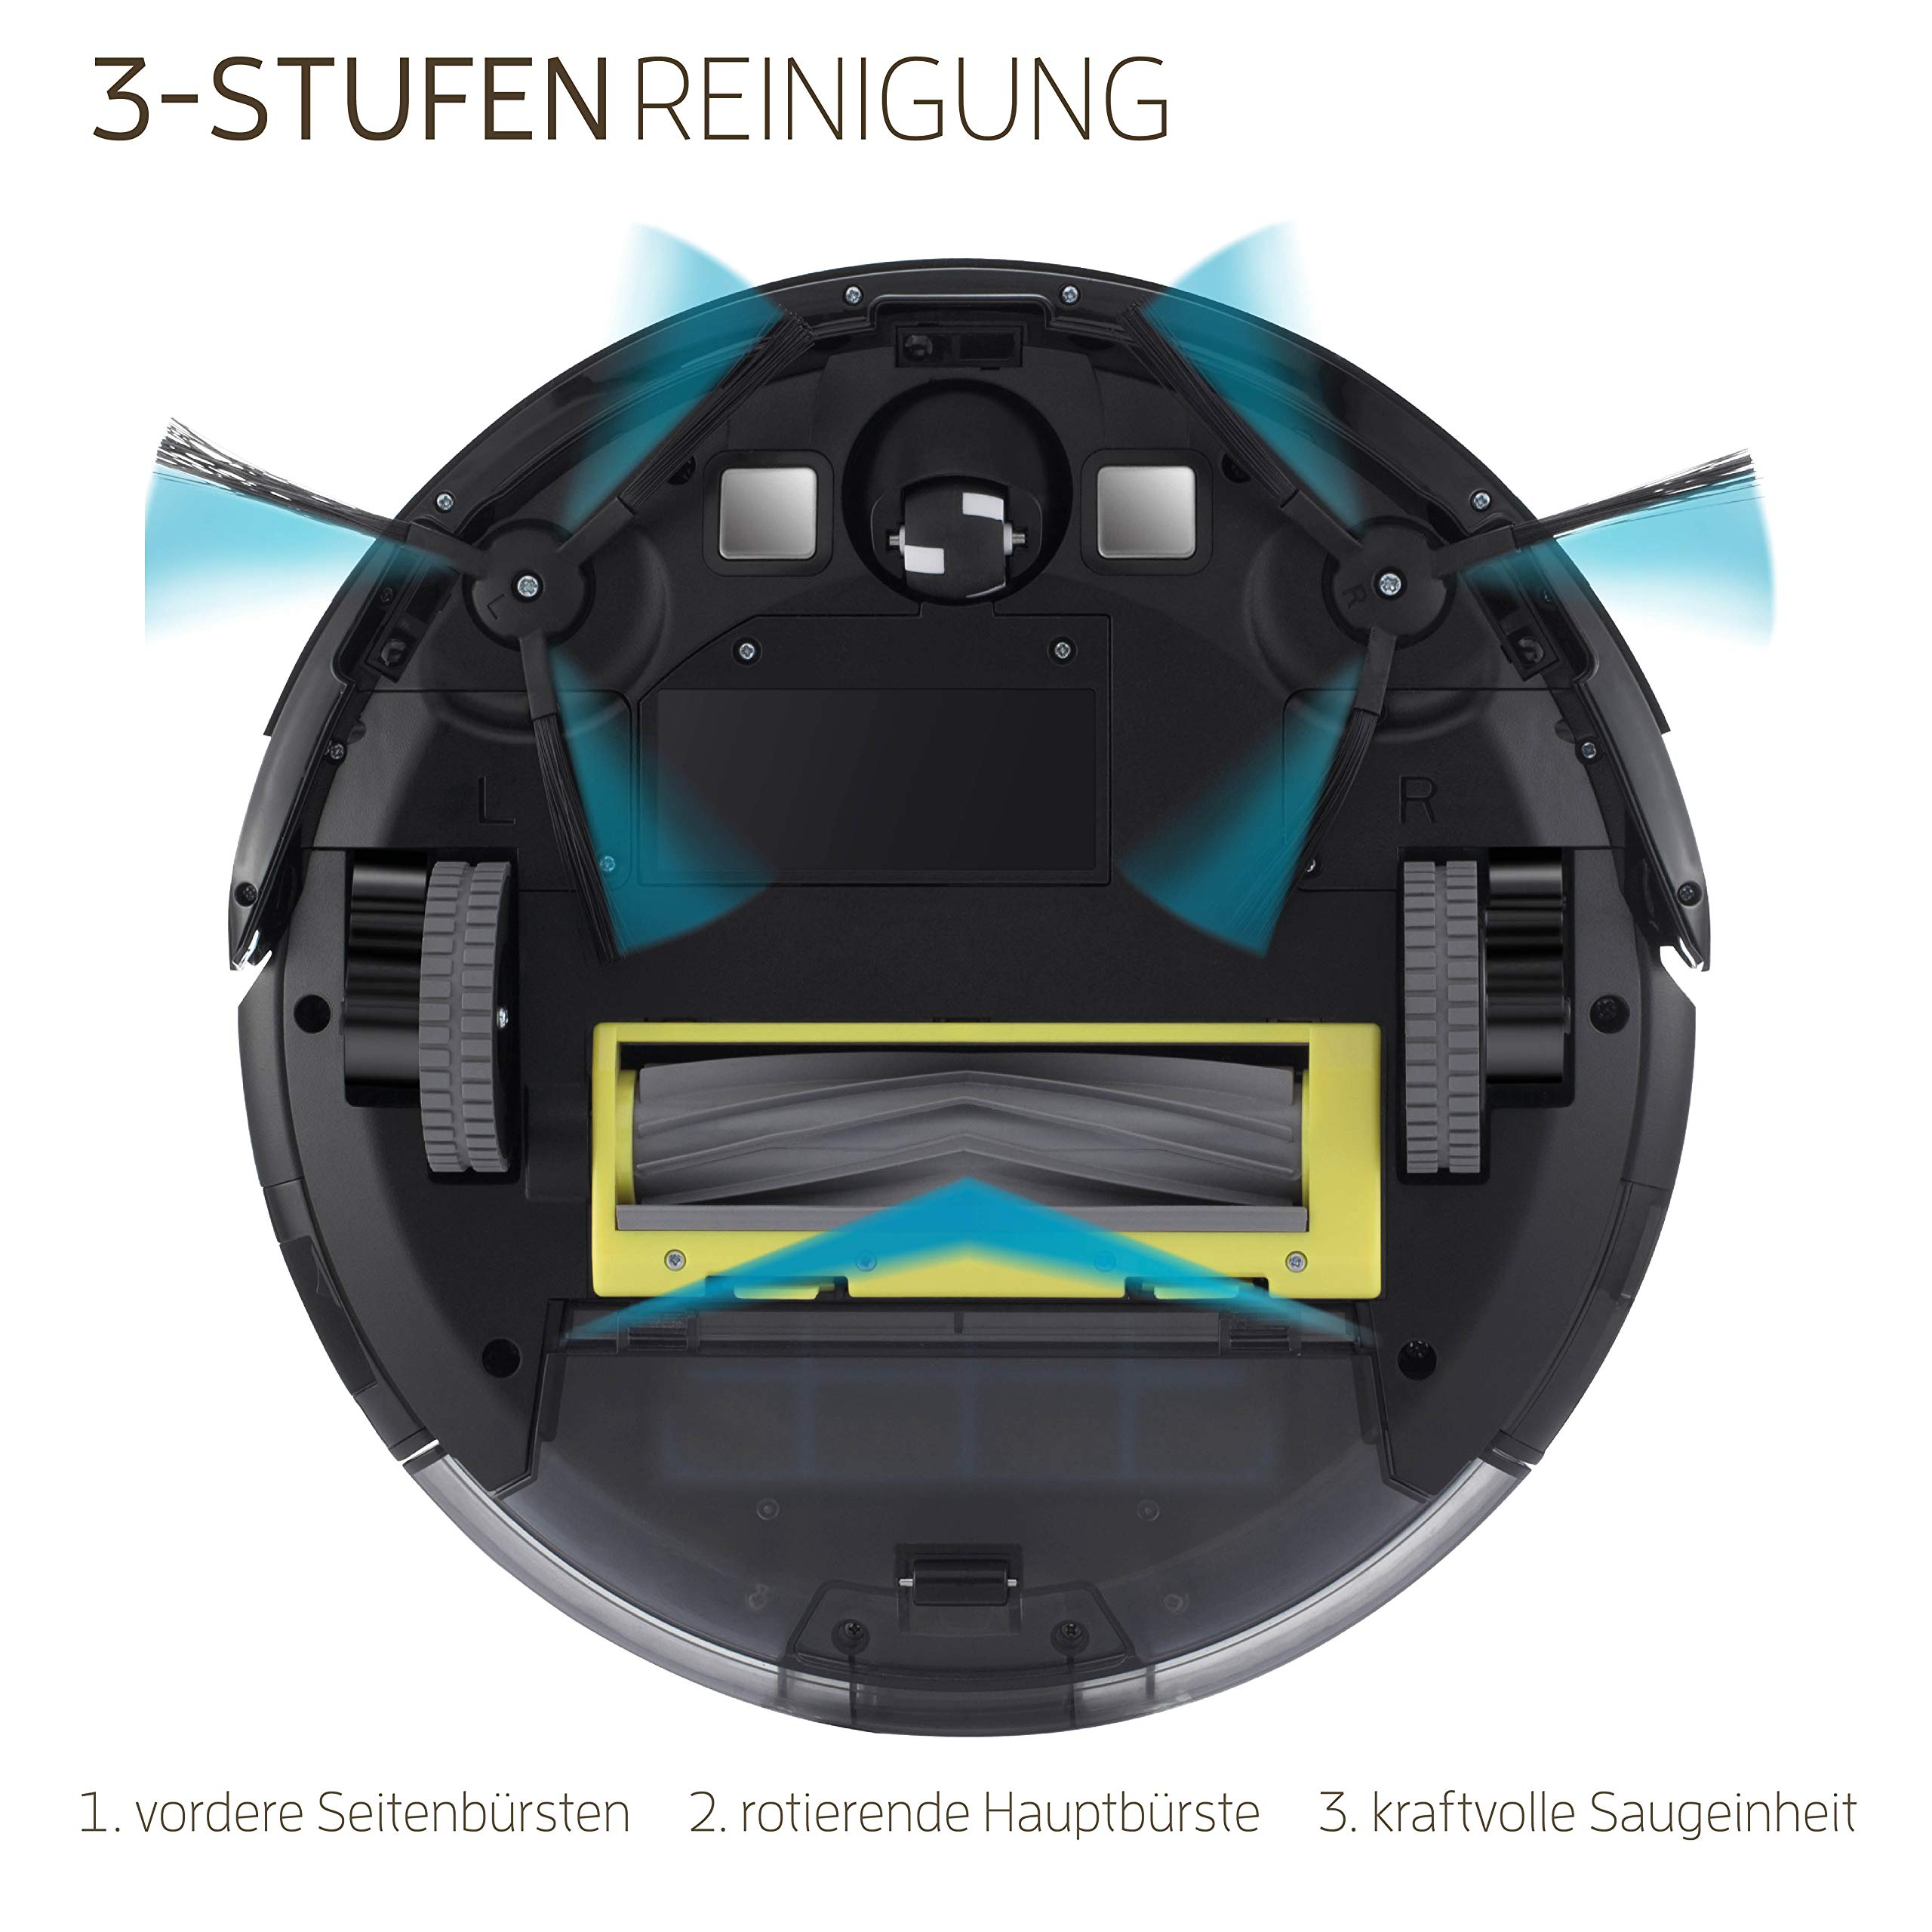 LIFE Robot A8 Saugroboter automatischer Roboterstaubsauger ideal für Tierhaare Fallschutz Auto Resume für Laminat…